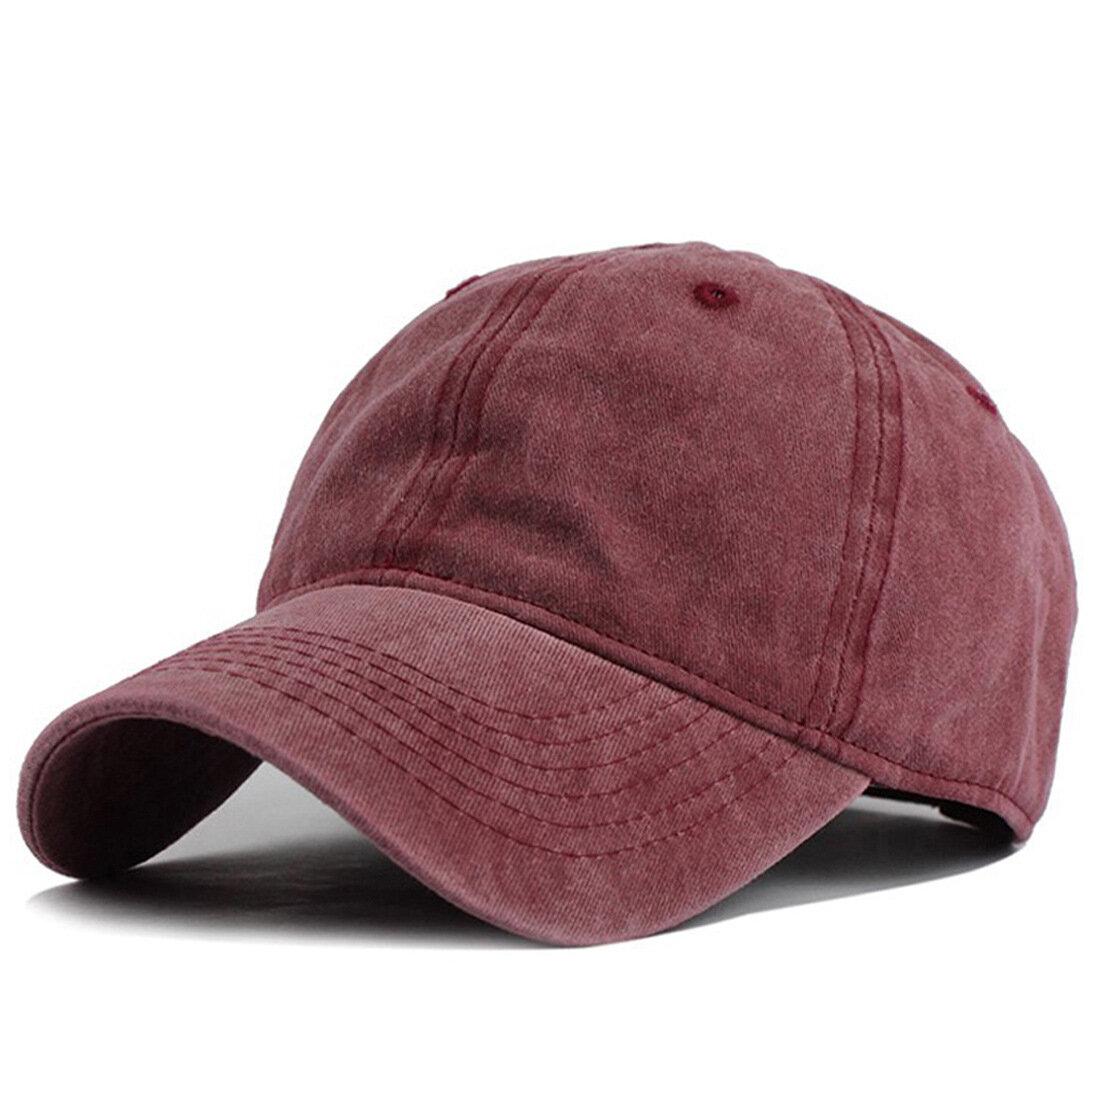 731f39d0abb Mens Summer Adjustable Washed Denim Baseball Caps Outdoor Trucker Cap Dad  Hats COD